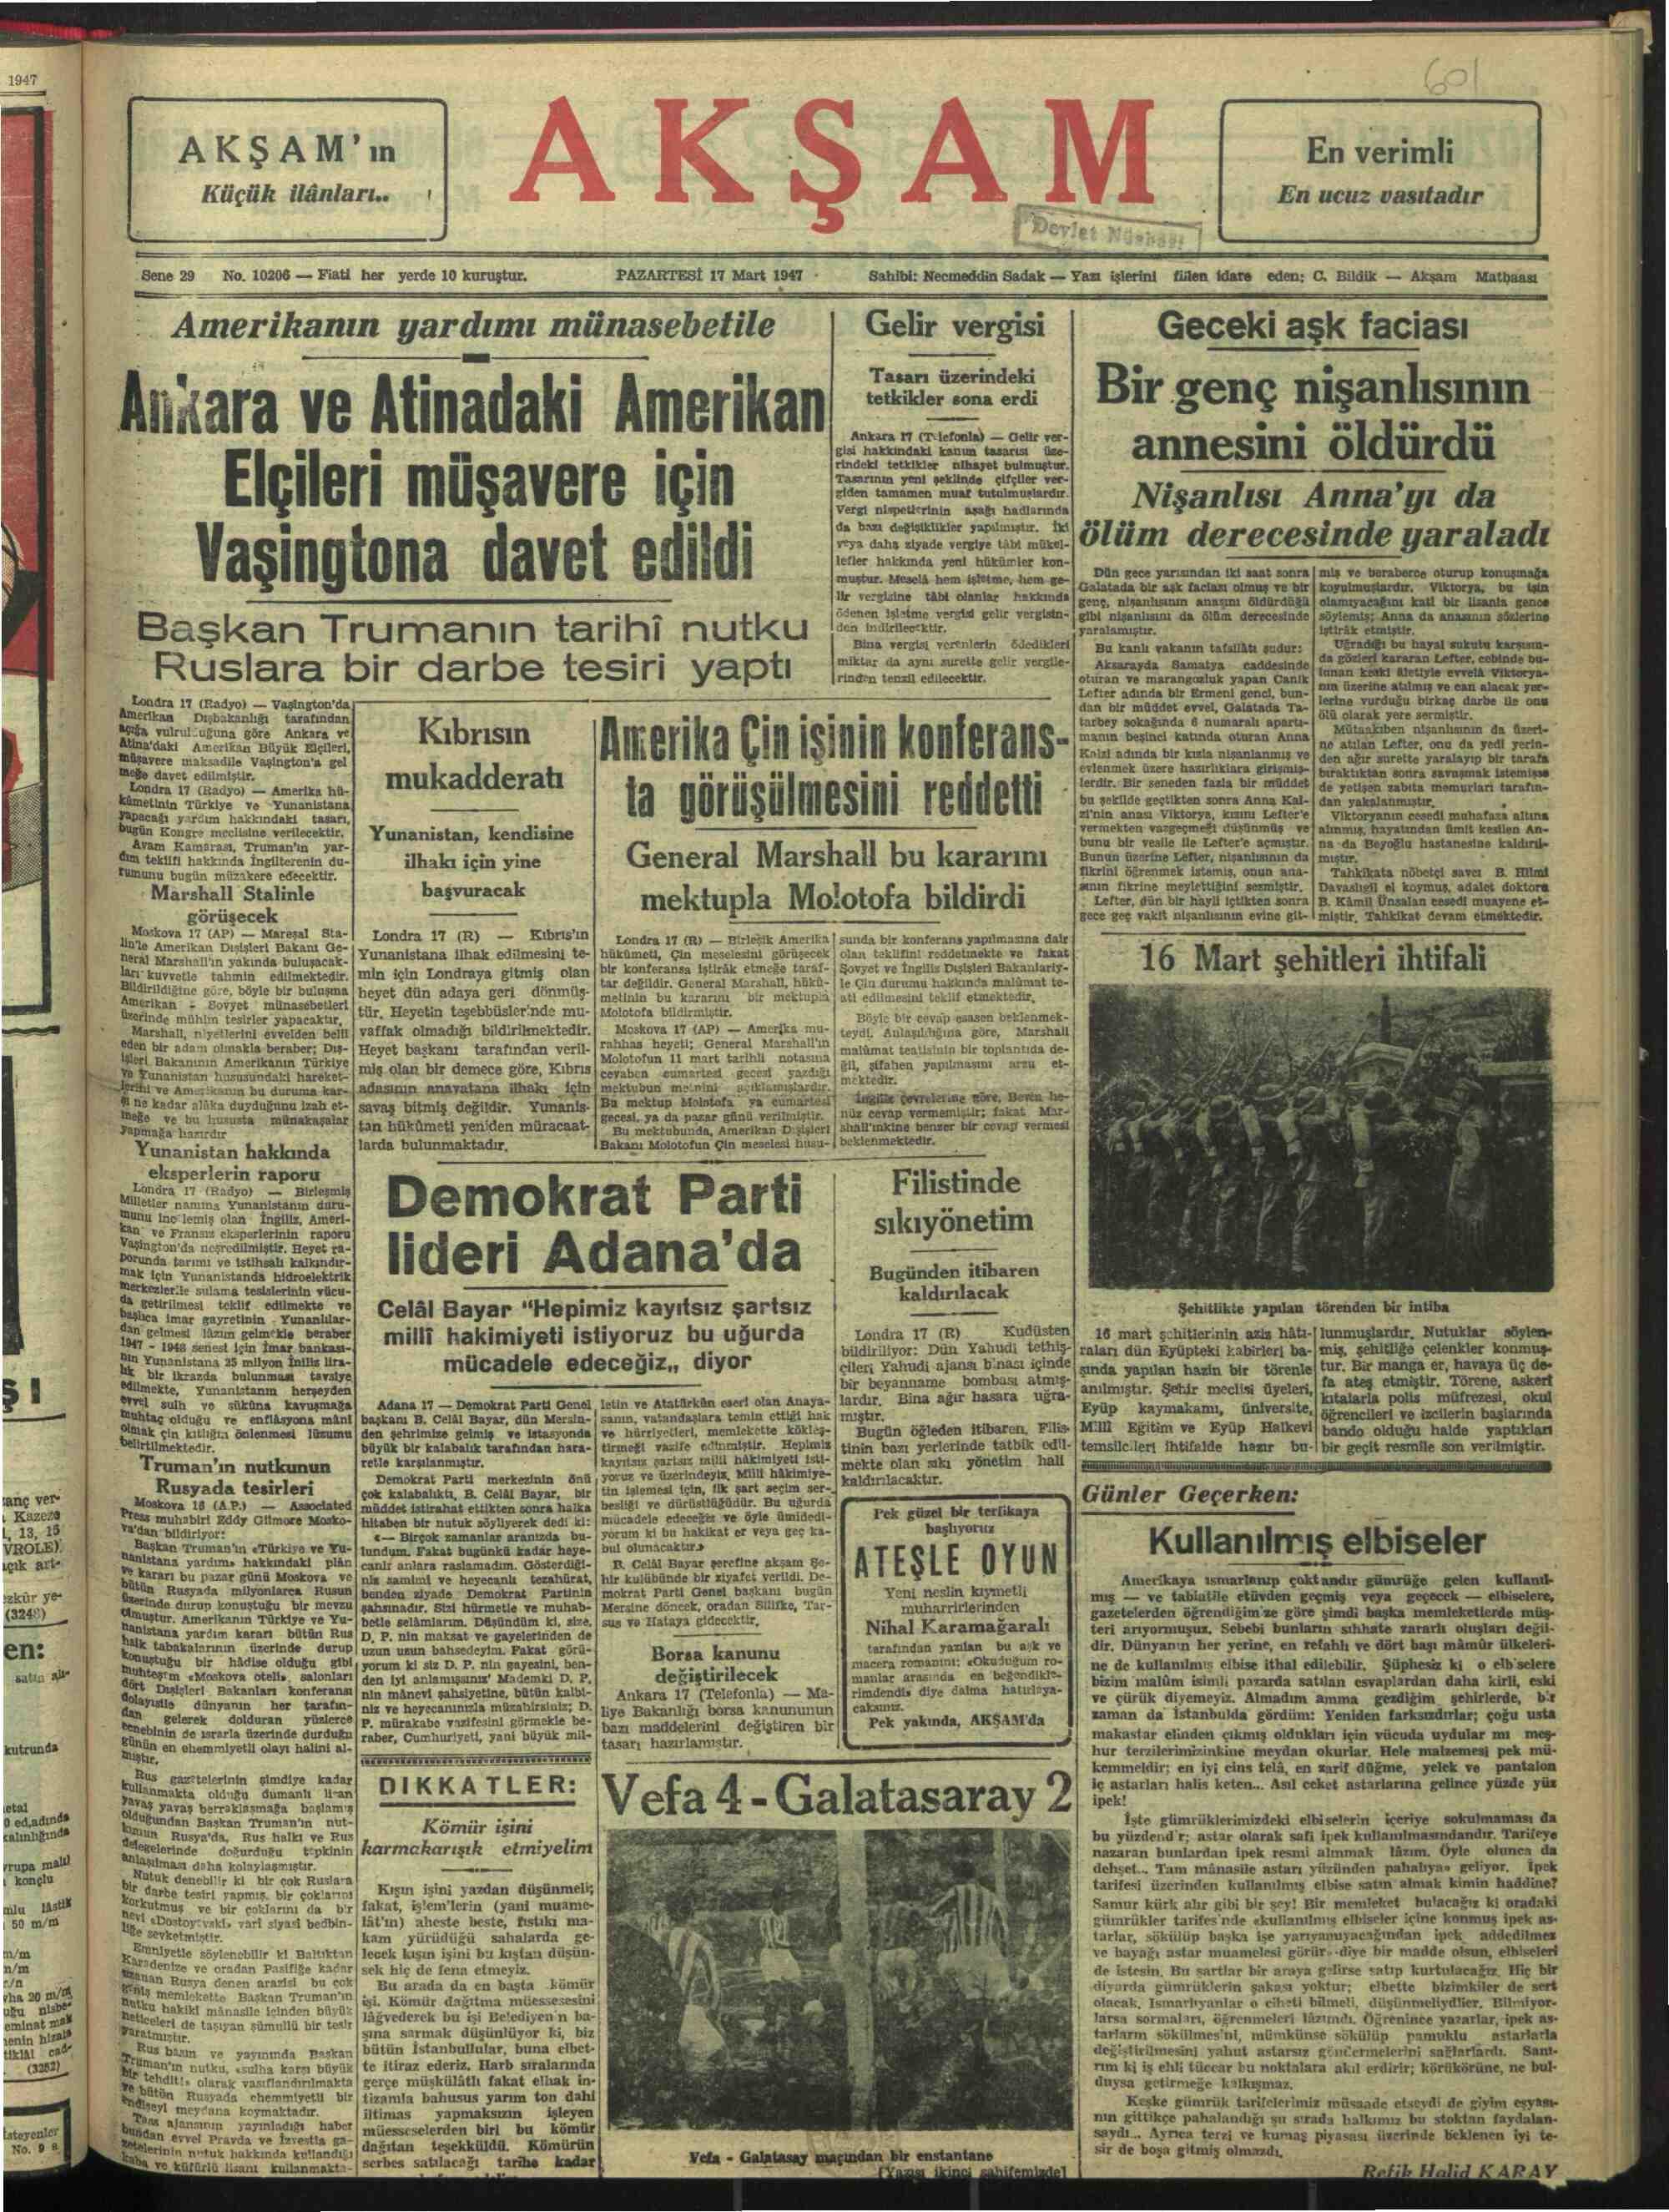 17 Mart 1947 Tarihli Akşam Gazetesi Sayfa 1